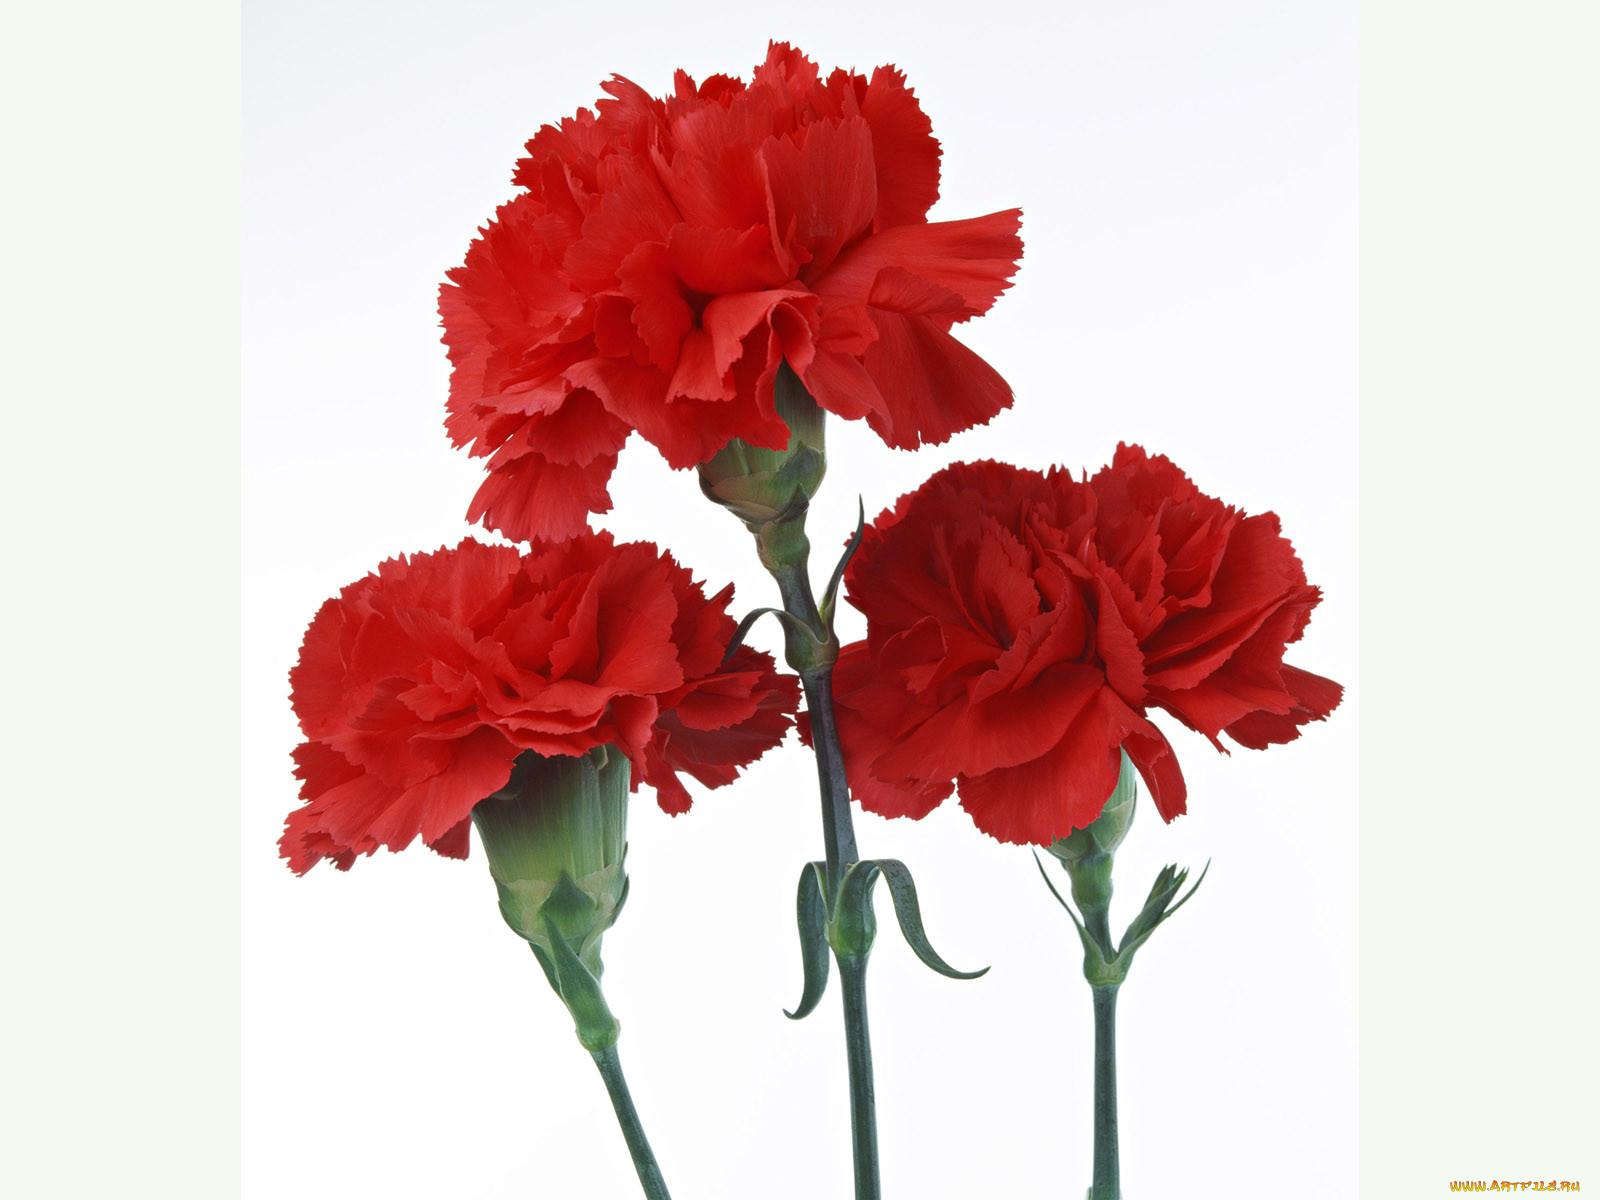 кандидатур, цветы для открыток гвоздики можно